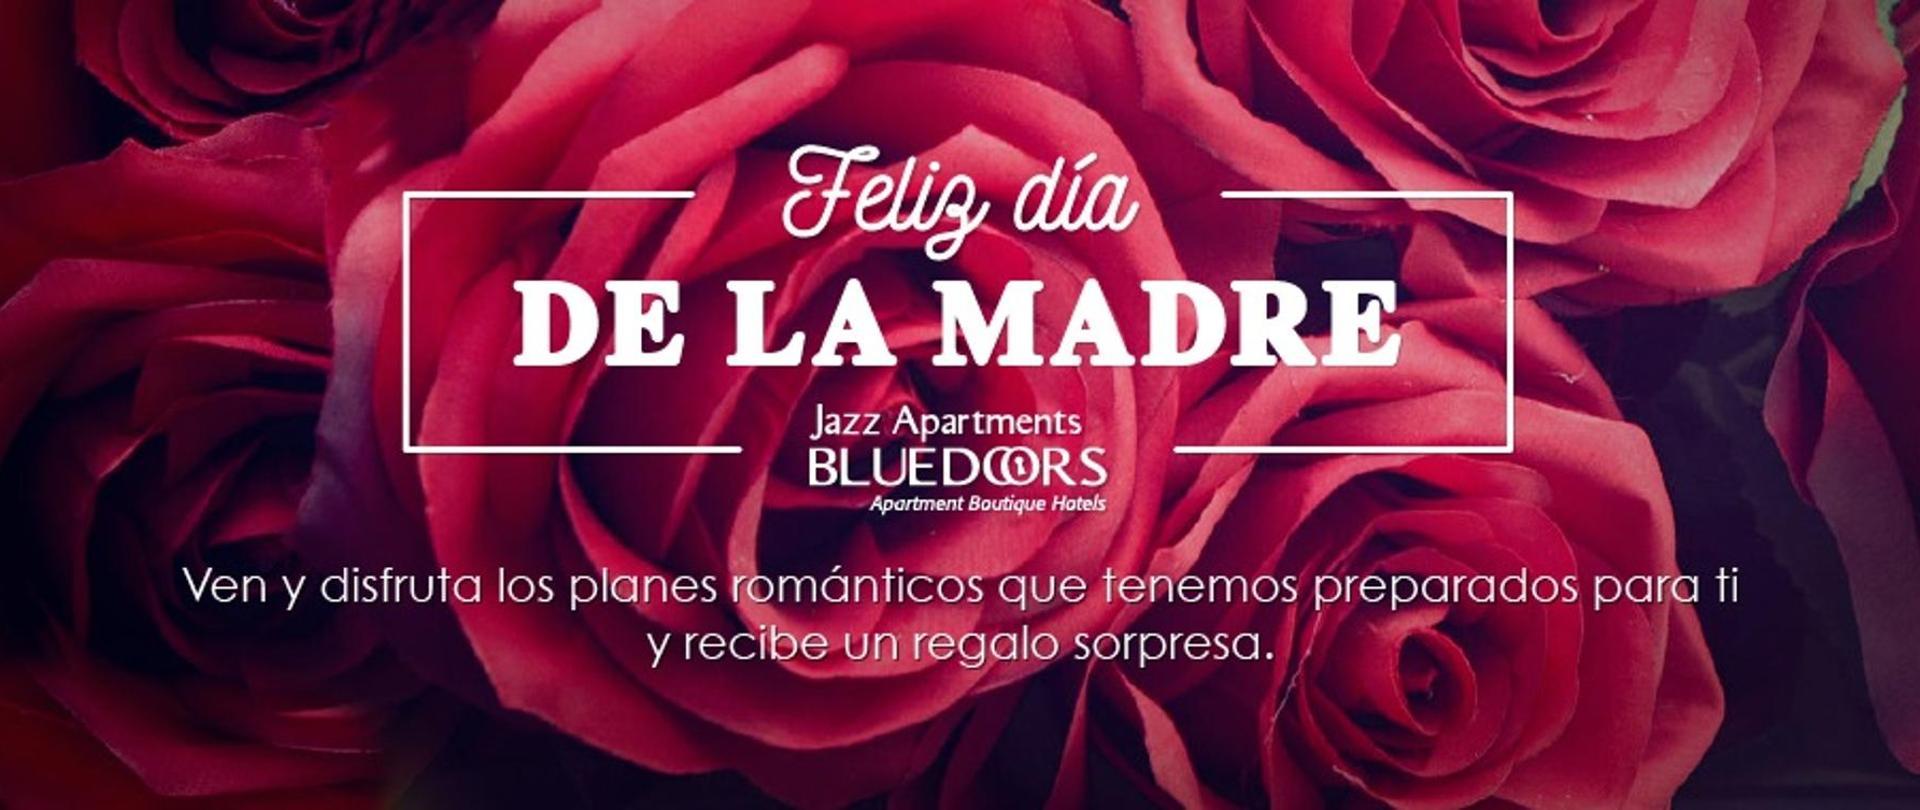 www.jazzapartments.com-jazz- dia-de-las-madres-planes-romanticos.jpg